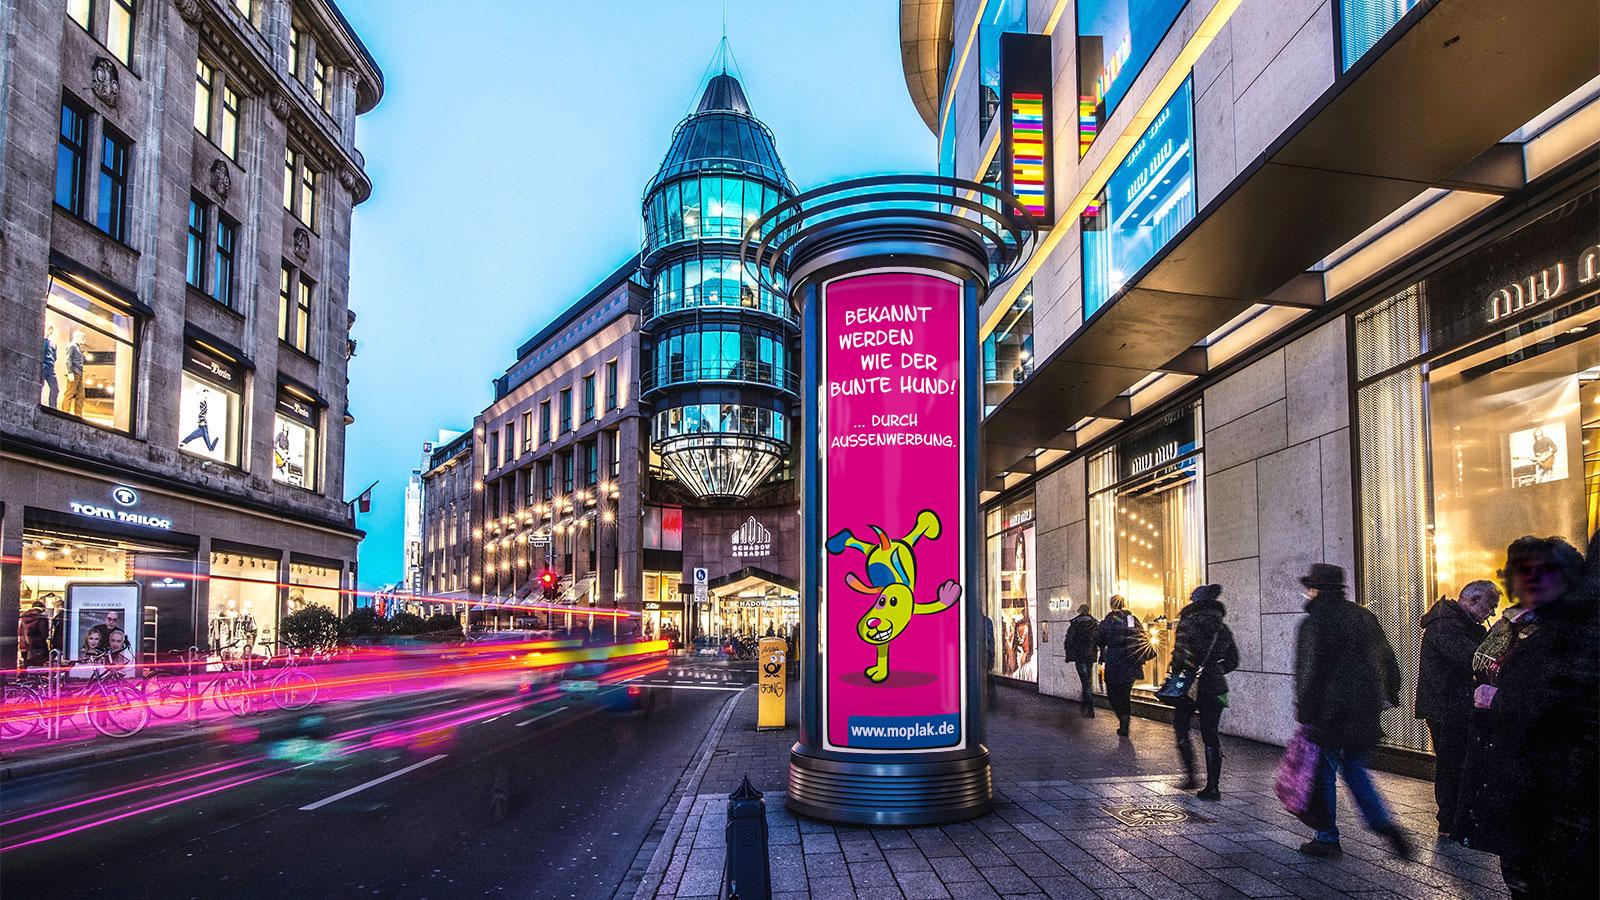 Bochum-Aussenwerbung-Litfasssaeule-Werbung